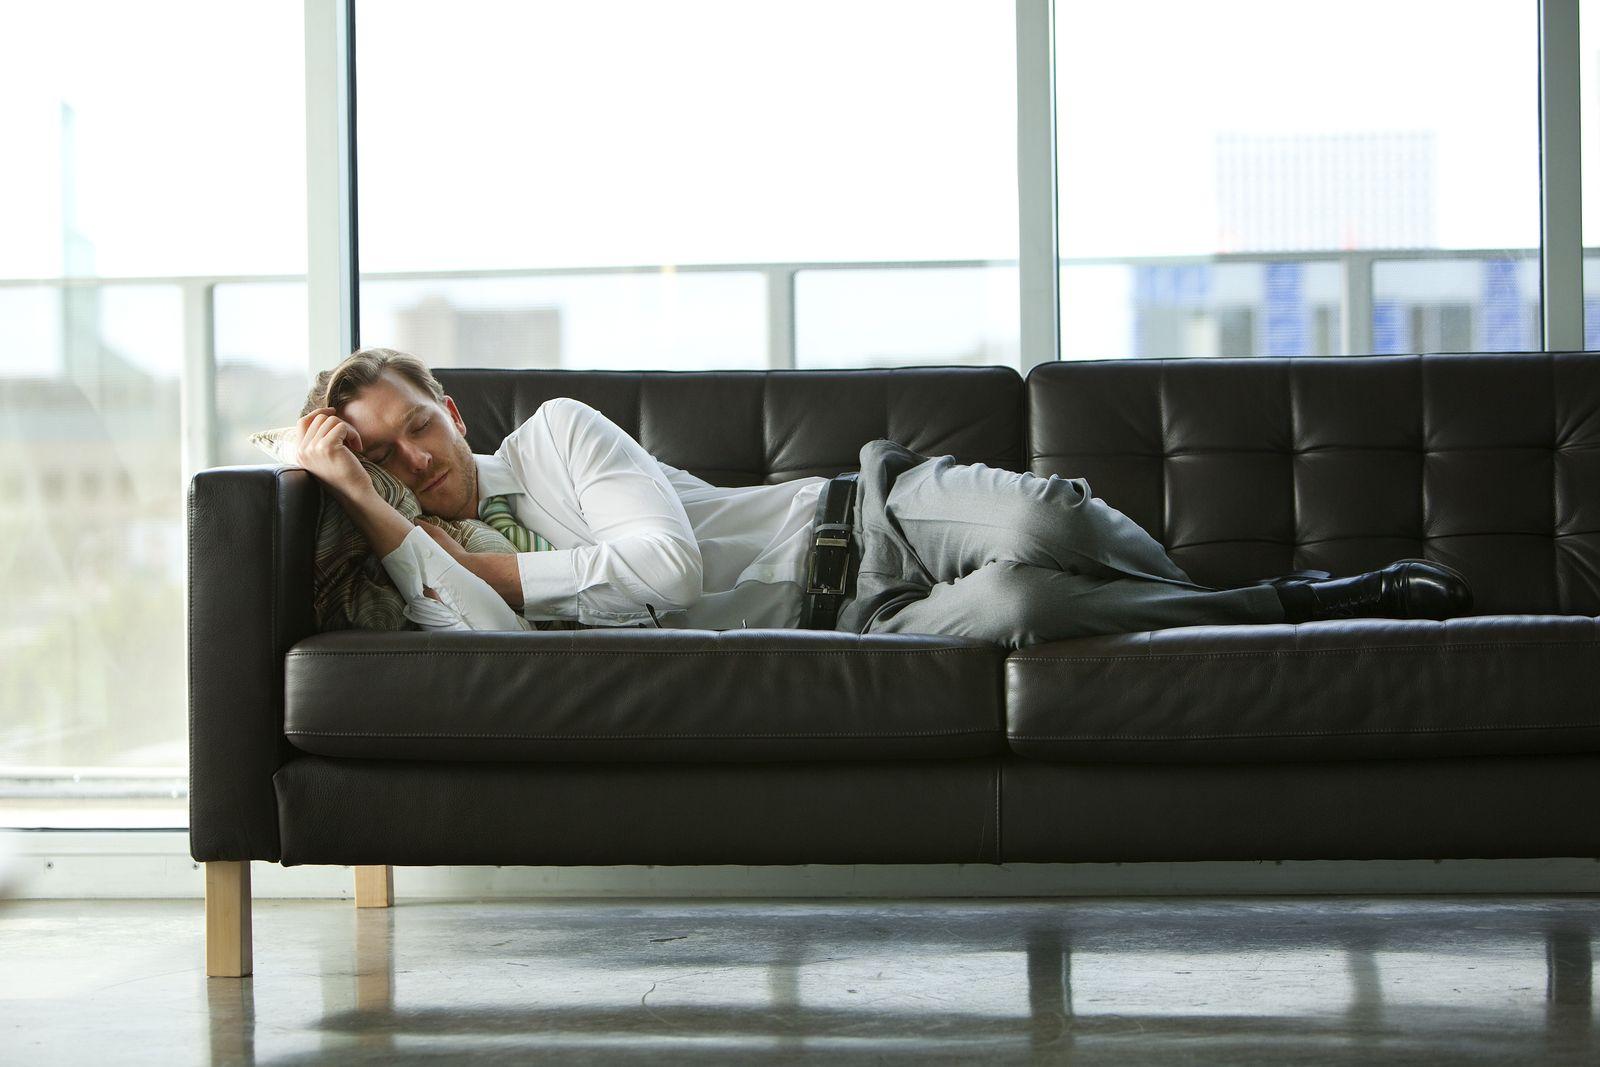 NICHT MEHR VERWENDEN! - Schlafen / Büro / Pause / Ausruhen / Break / Nap / Power